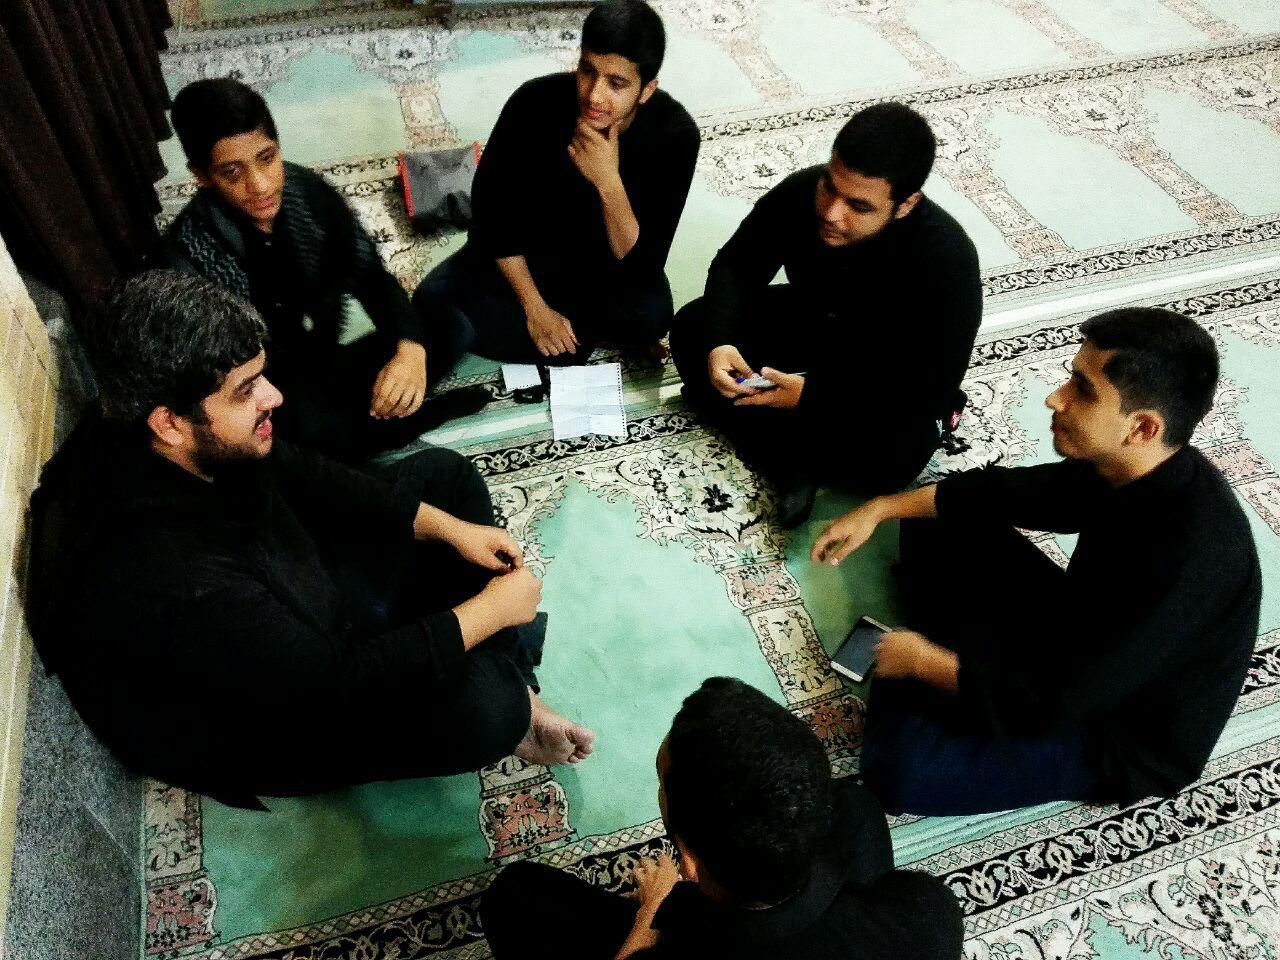 گزارش تصویری جلسه شورای فرهنگی مسجد